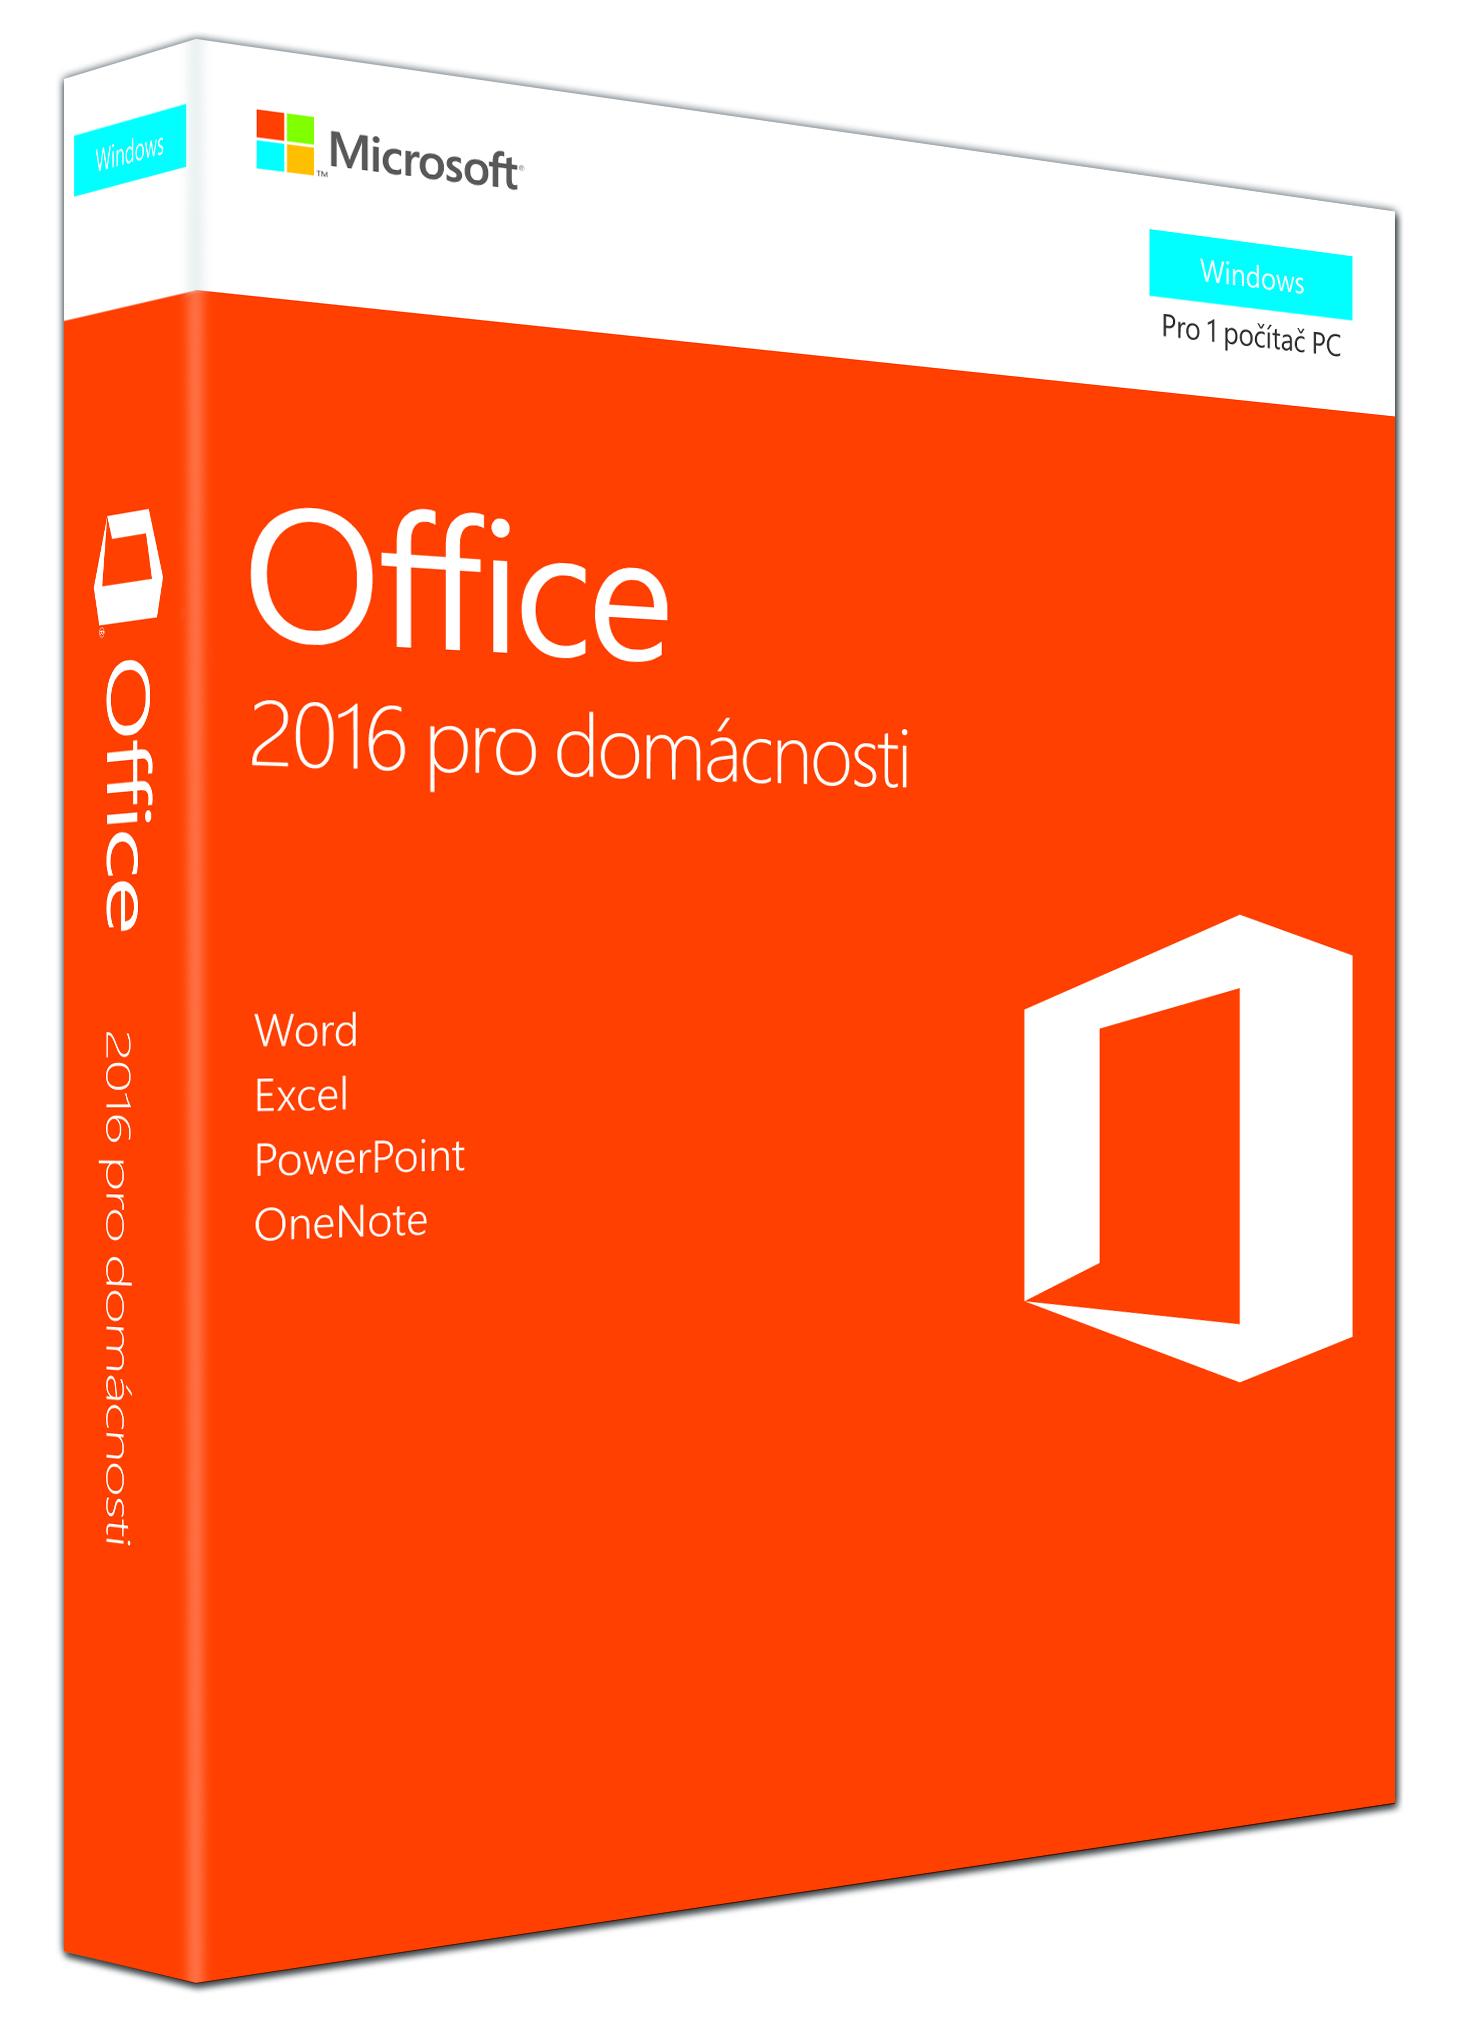 Office 2016 pro domácnosti Eng, P2